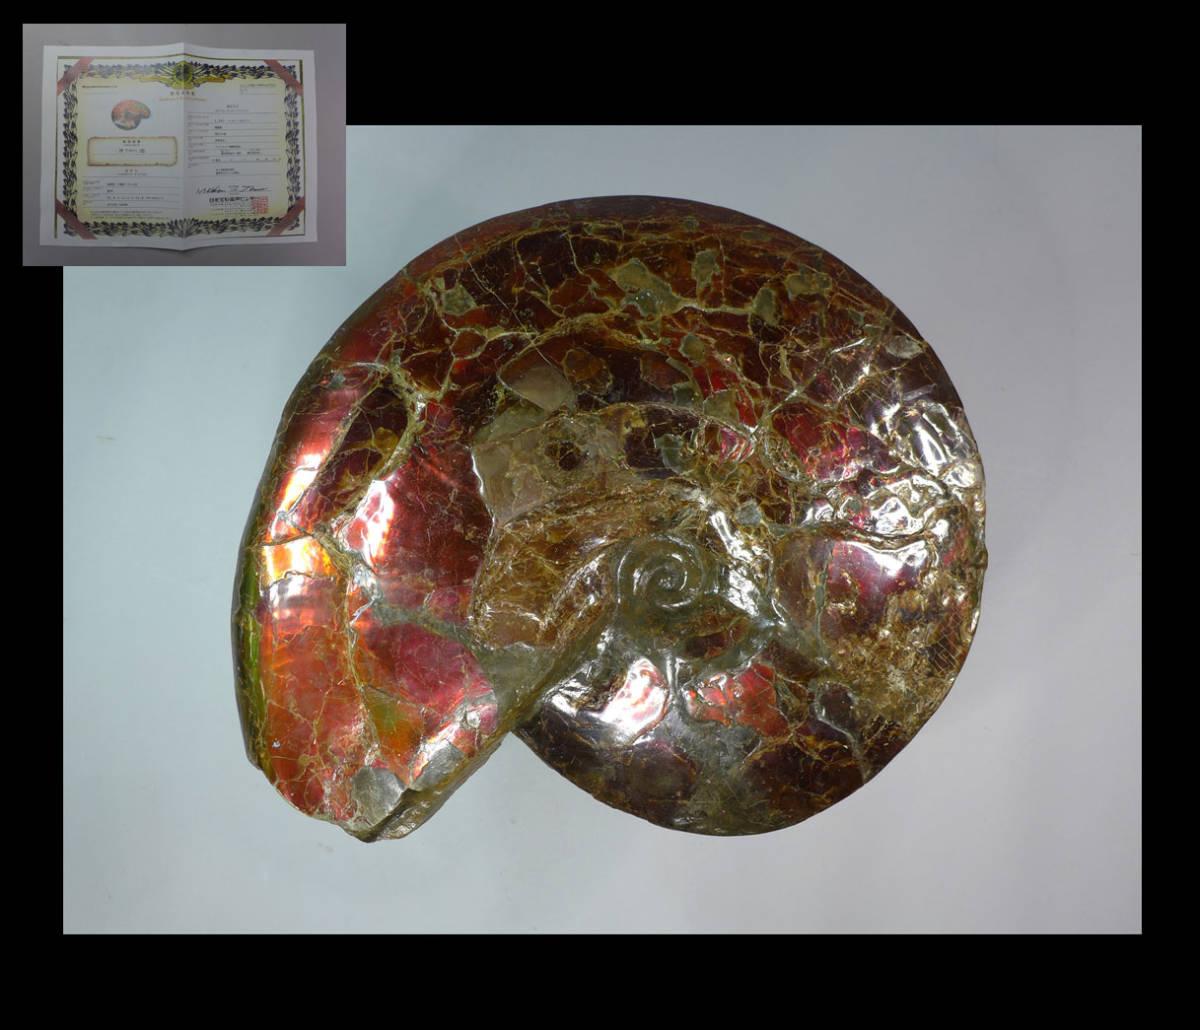 アンモライト  化石 51cm 24・5kg 巨大 日米宝石鑑別センター 検/宝石原石鉱物観賞石銘石水石オパール